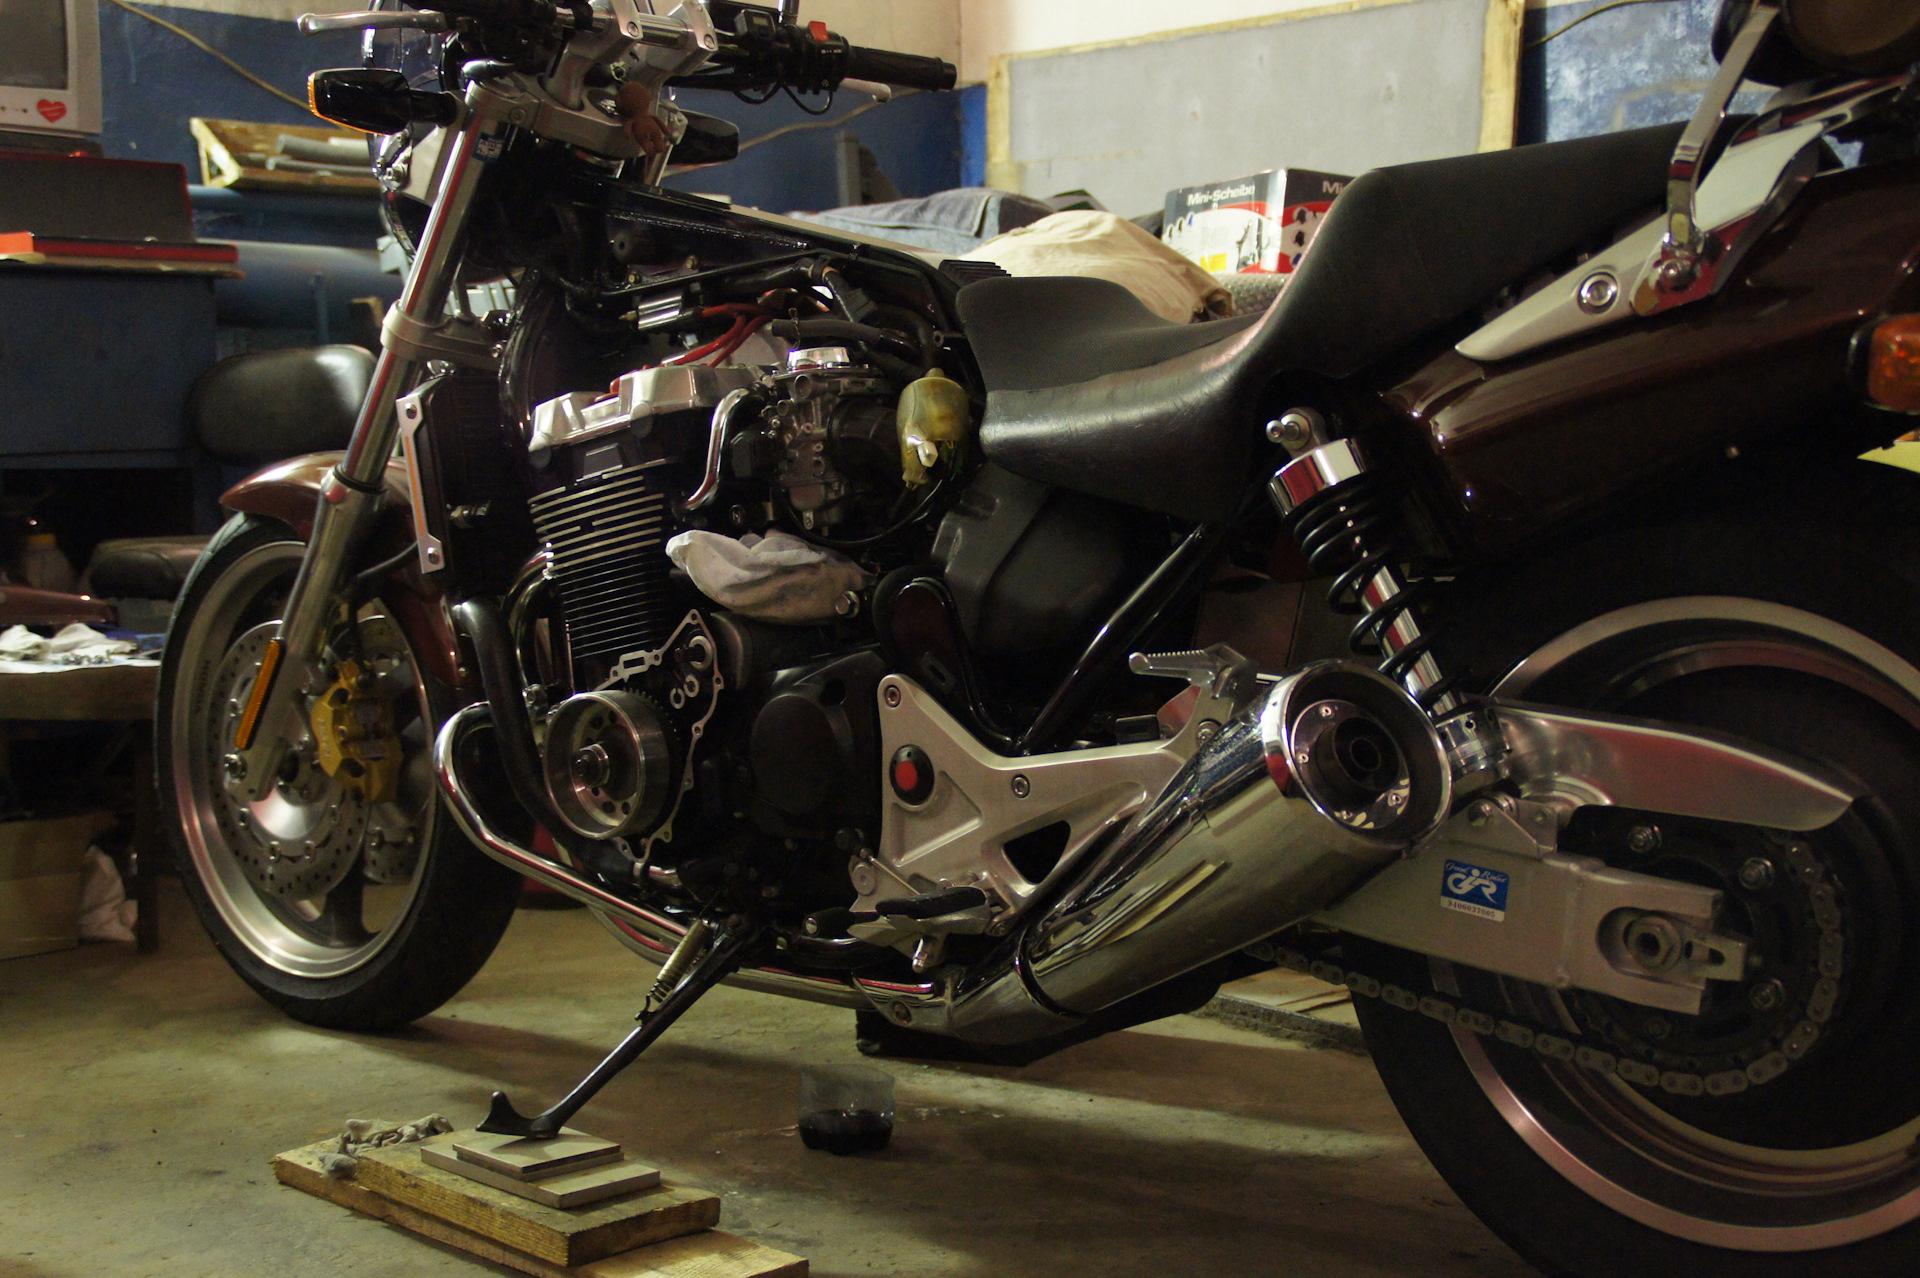 Опыт езды на мотоцикле хонда cb1300 права для мотоцикла подкатегории